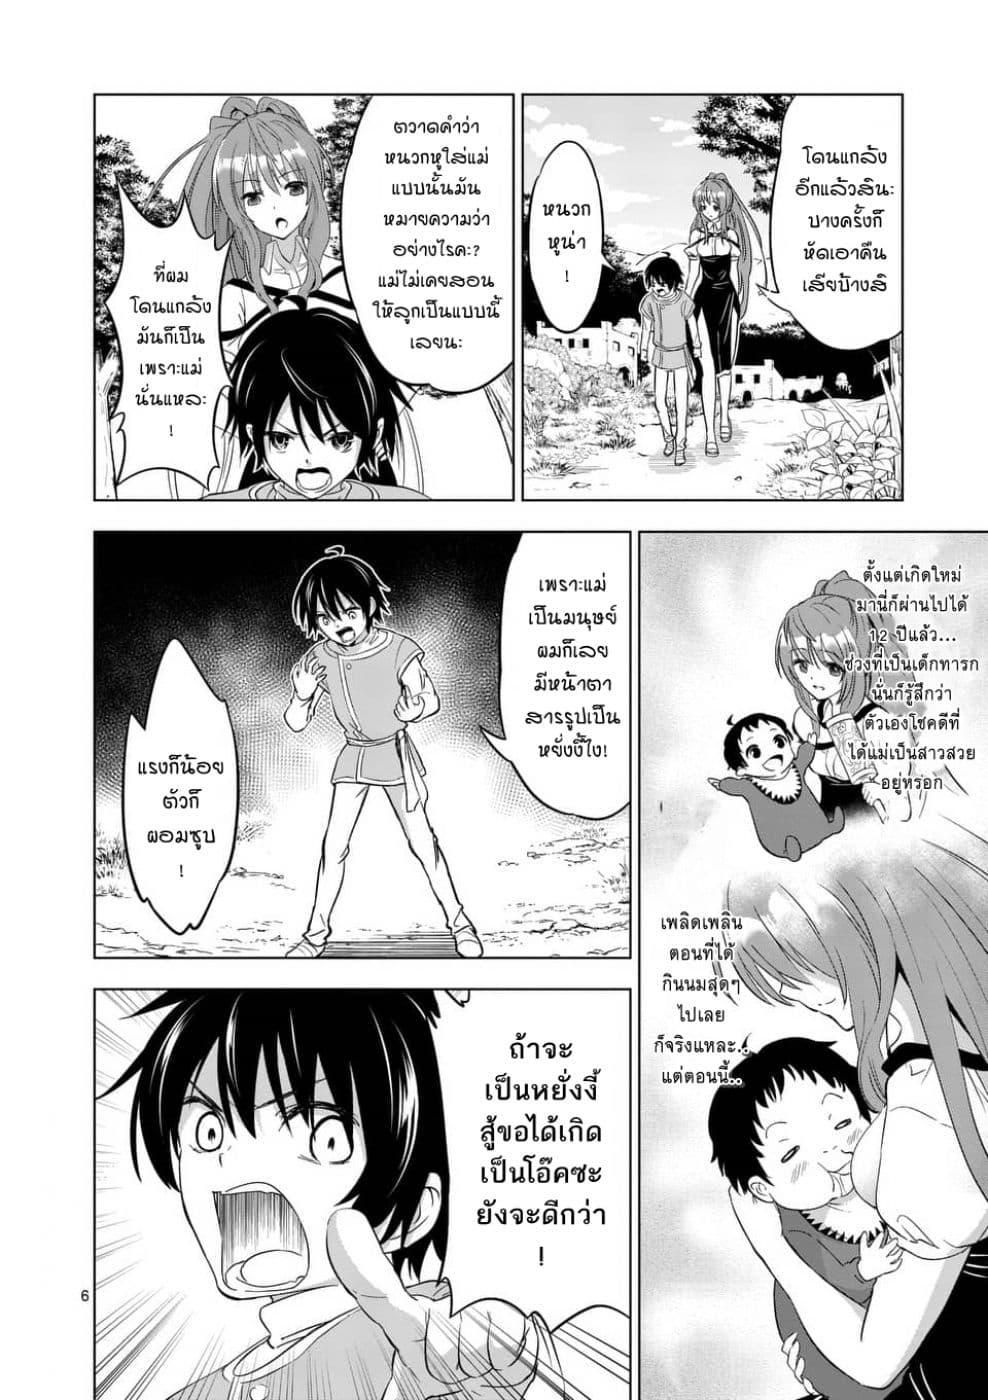 อ่านการ์ตูน Shijou Saikyou Oak-san no Tanoshii Tanetsuke Harem Zukuri ตอนที่ 1 หน้าที่ 5